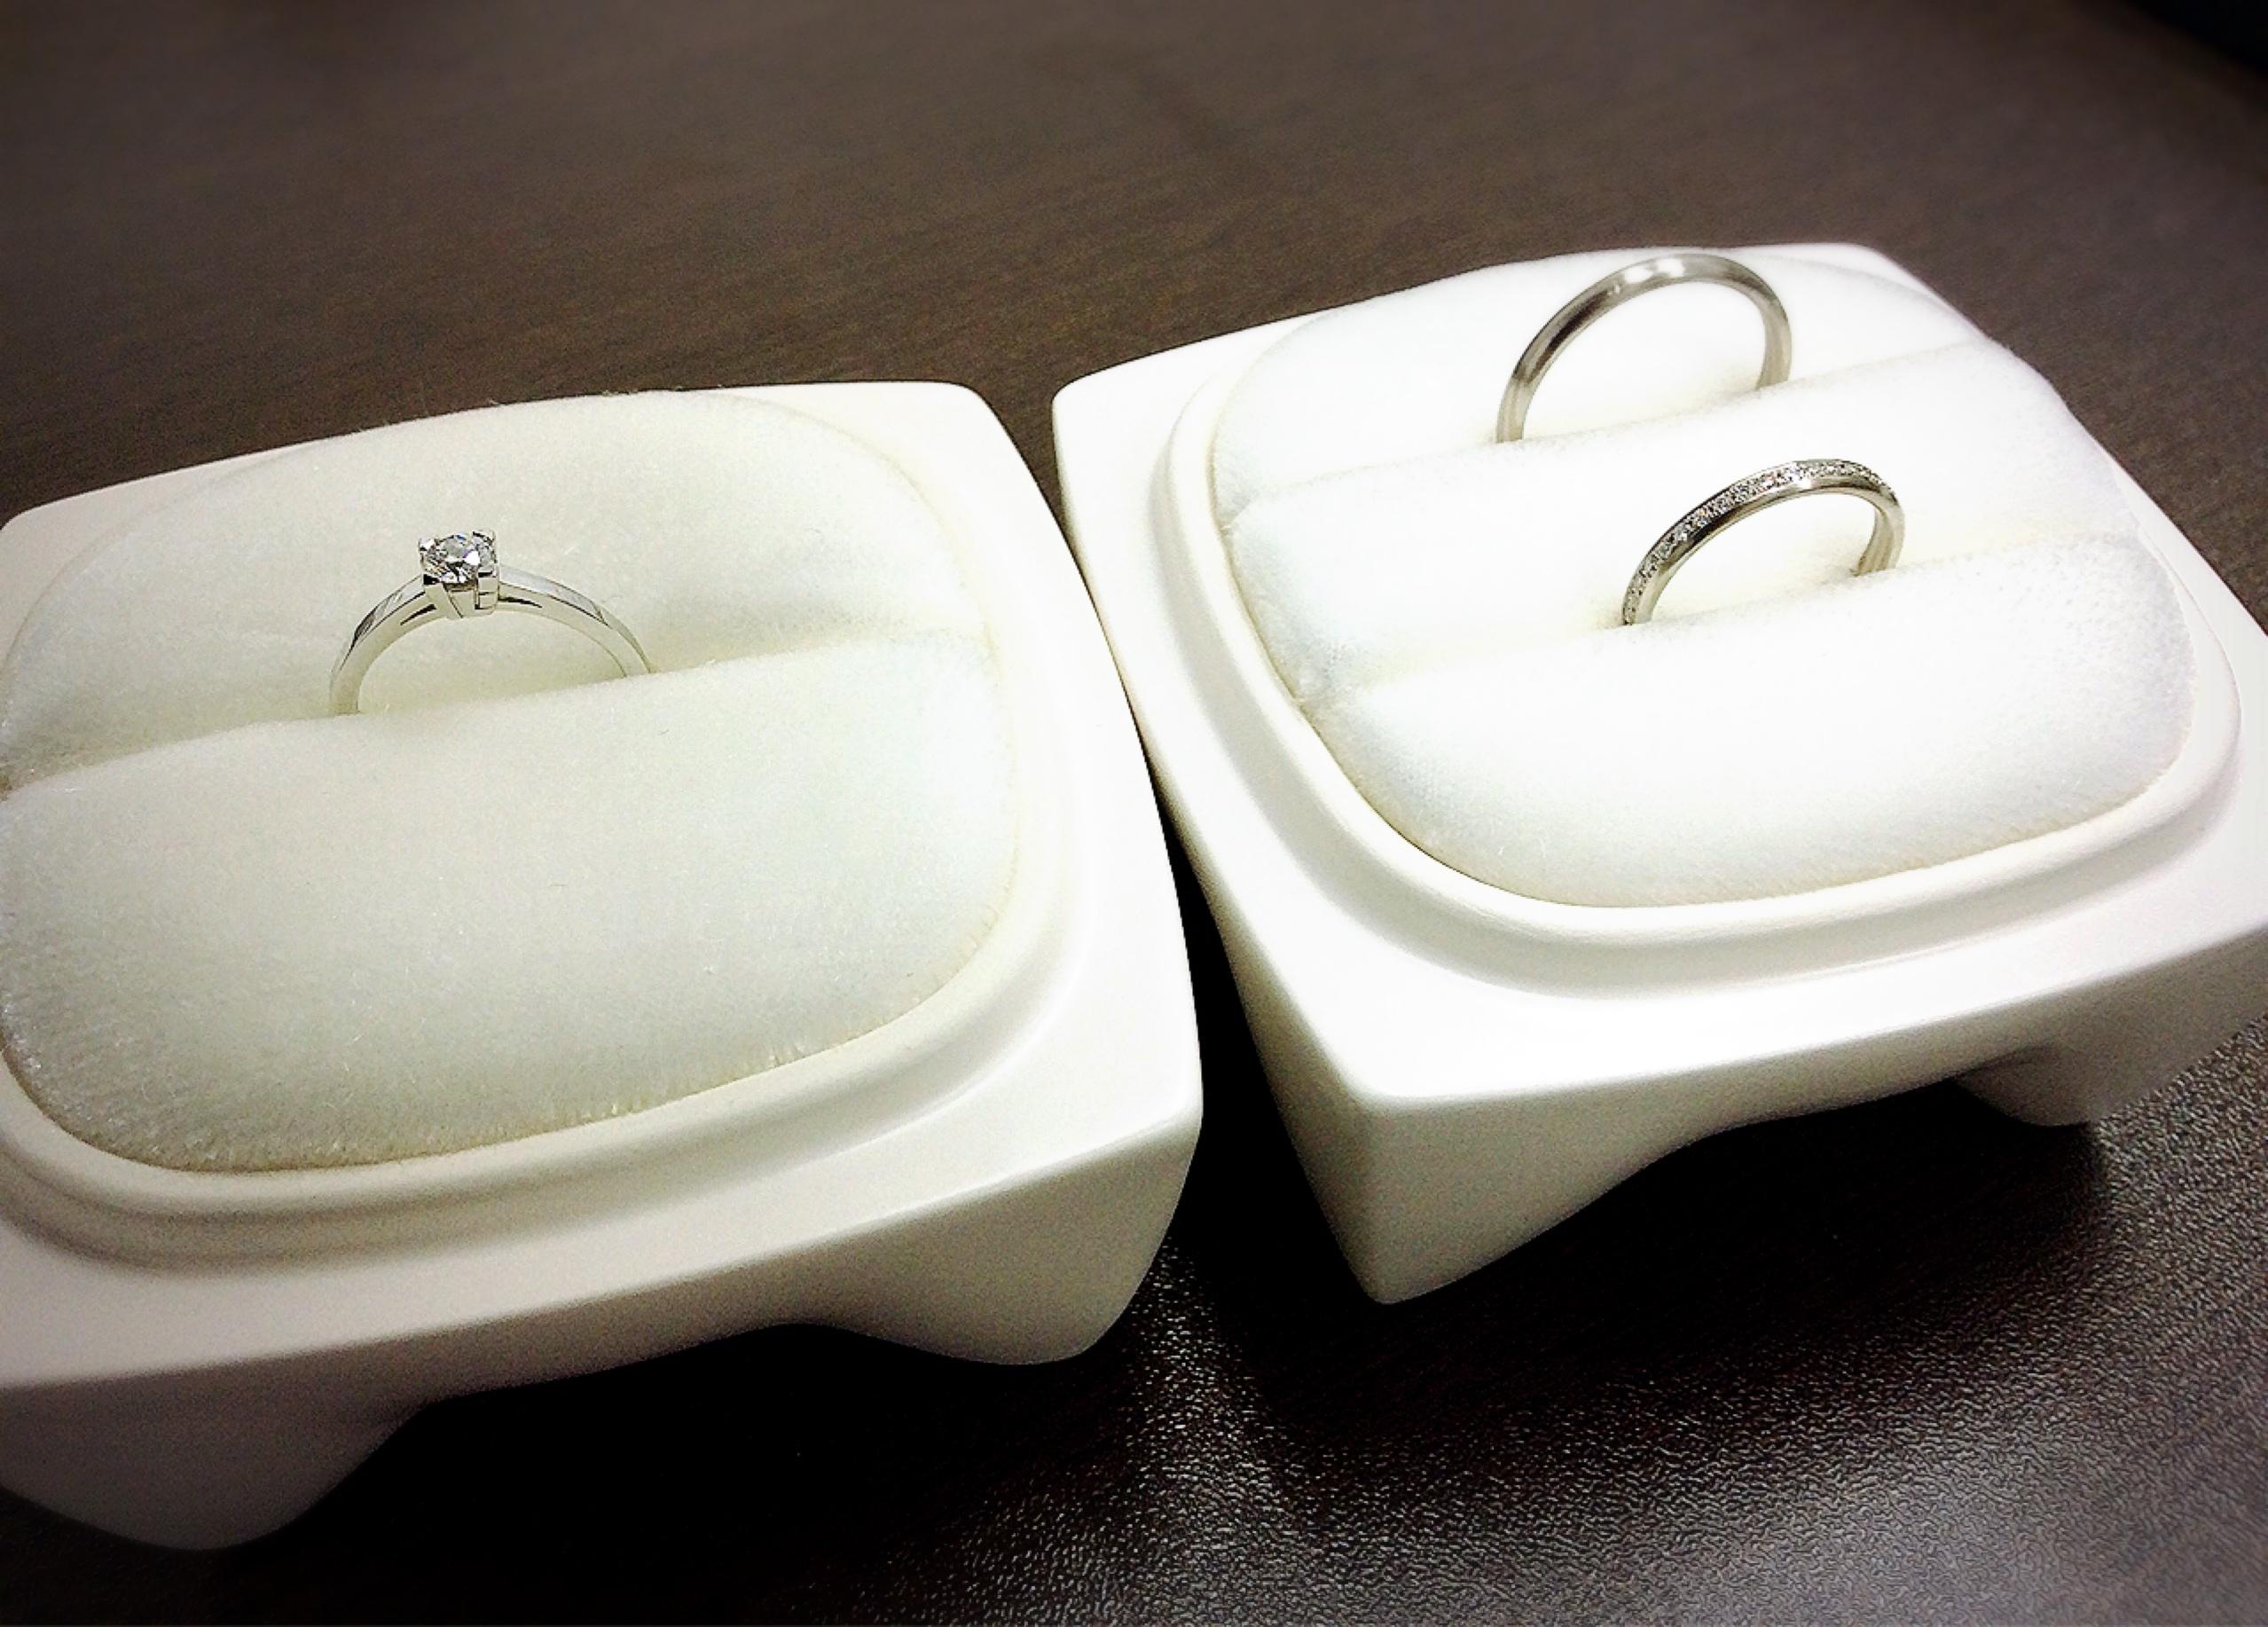 俄(にわか)のご婚約指輪『心』・ご結婚指輪『長閑』(新潟市/T様・M様)